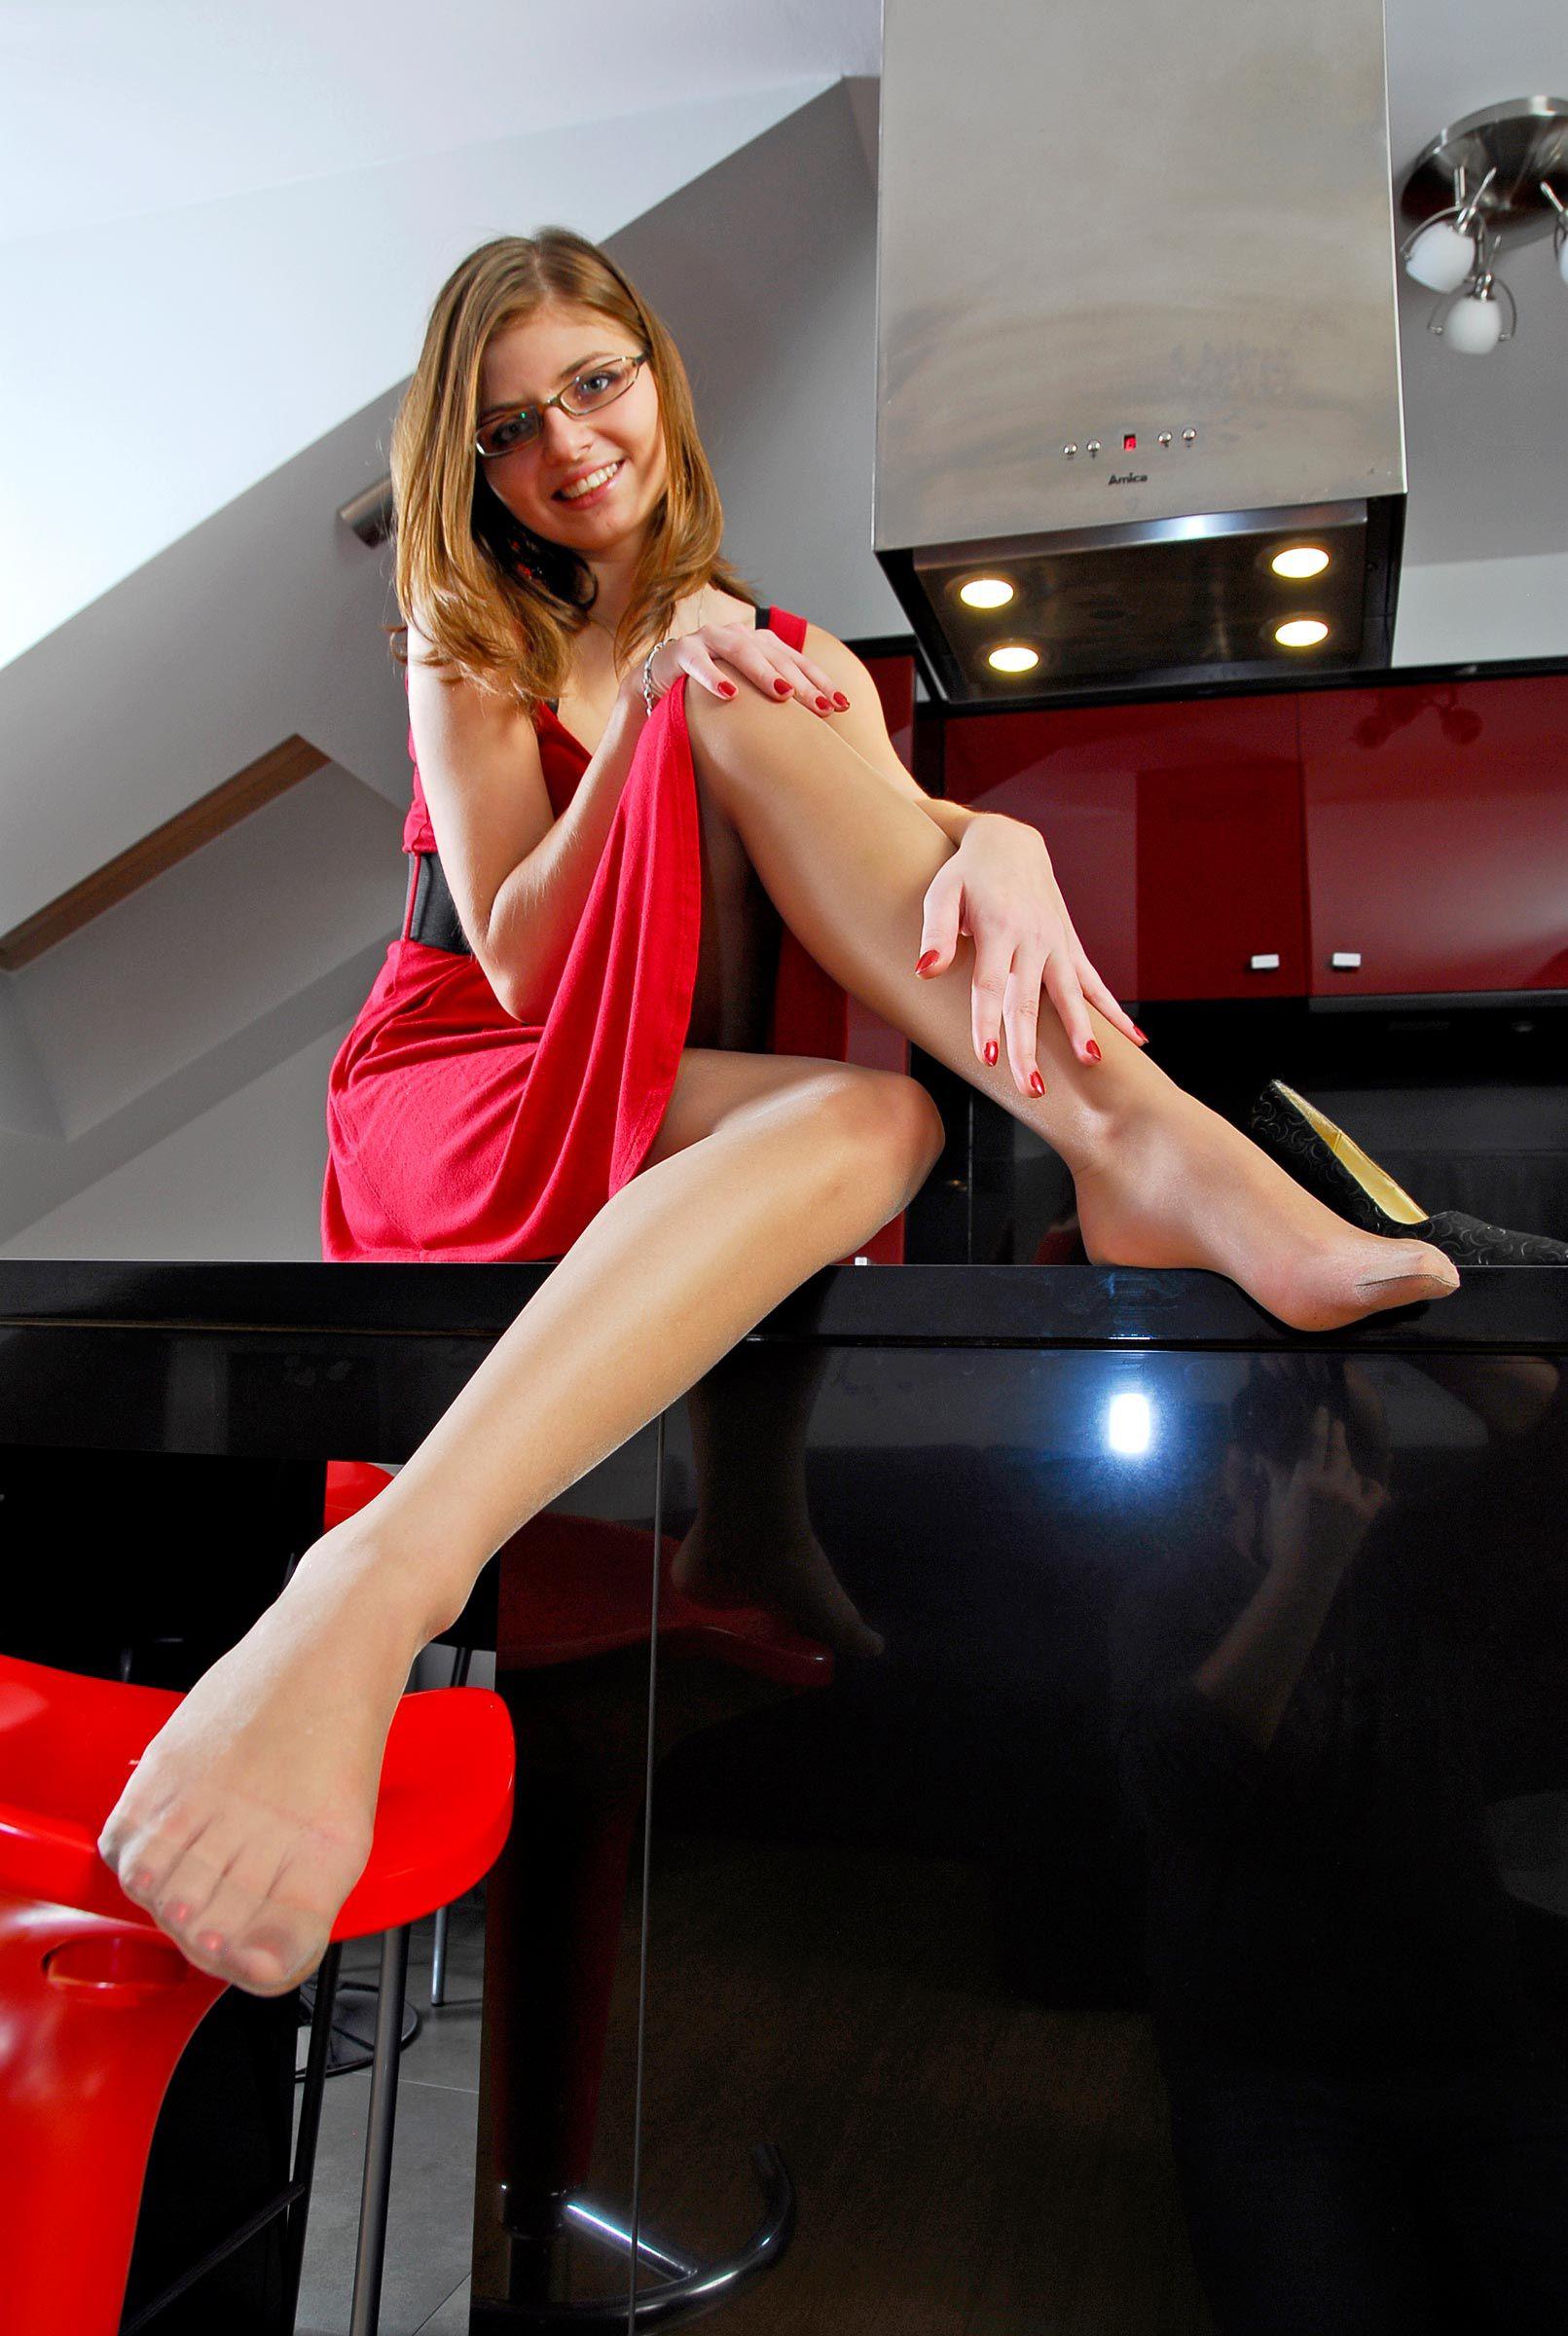 Walk this way: #legs #legsfetish #hotlegs #sexylegs #